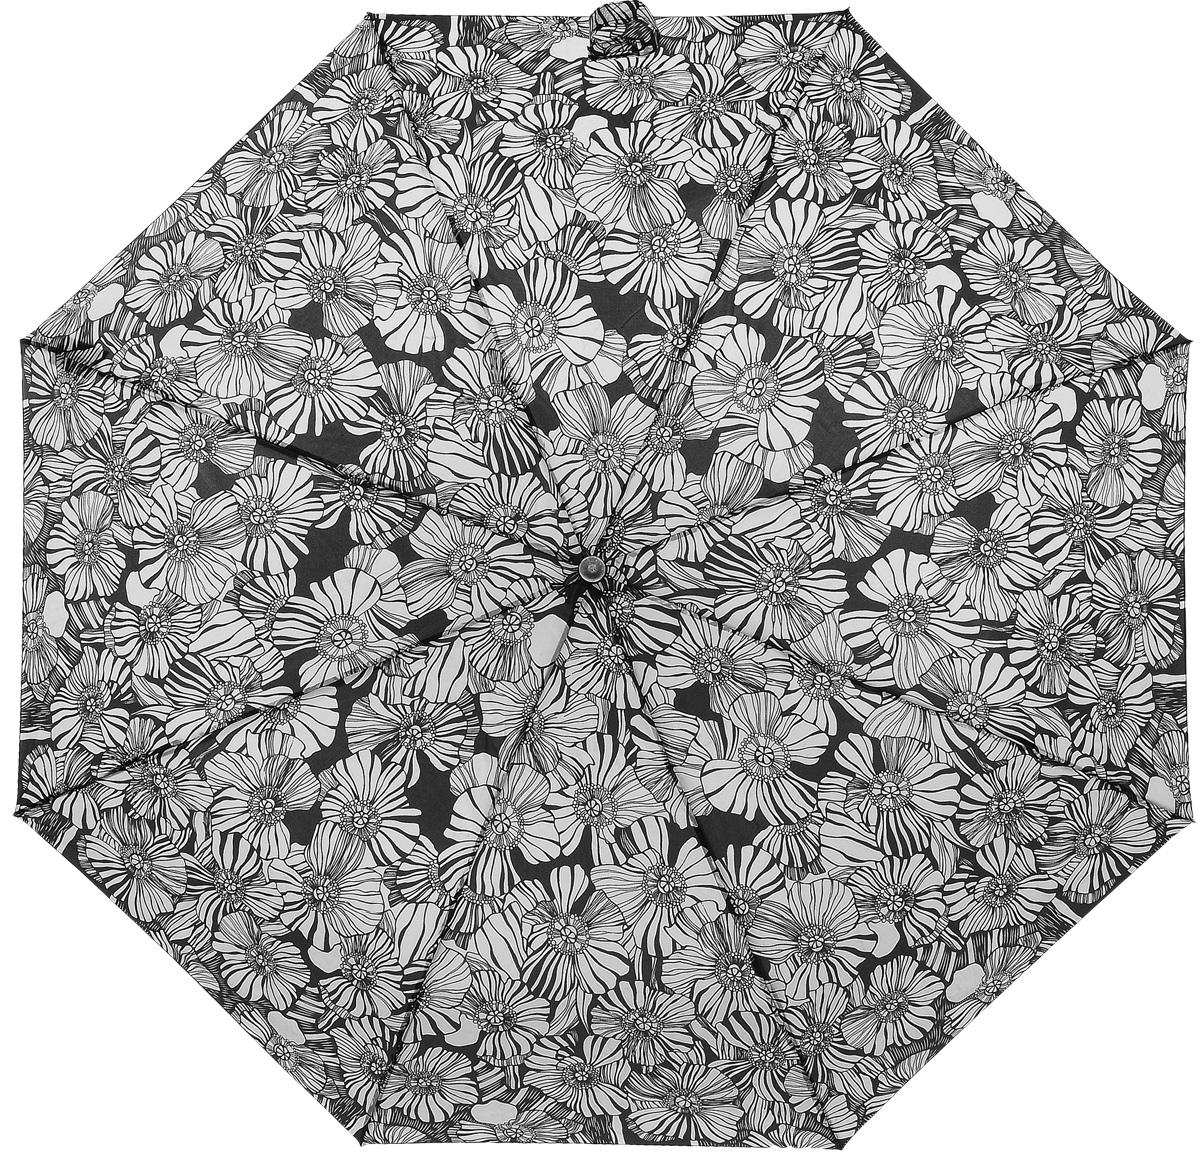 Зонт женский Prize, механический, 3 сложения, цвет: белый, черный. 355-8039355-8039Классический женский зонт в 3 сложения с механической системой открытия и закрытия. Удобная ручка выполнена из пластика. Модель зонта выполнена в стандартном размере. Данная модель пердставляет собой эконом класс.